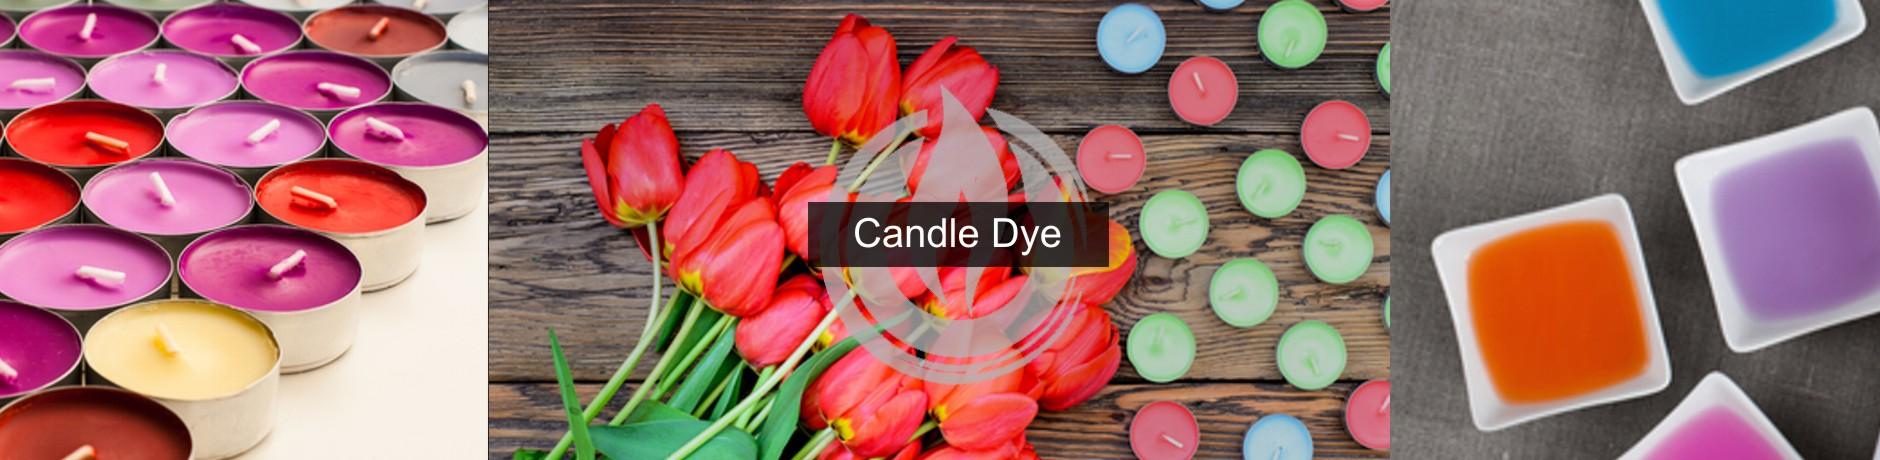 candle-dye-banner.jpg